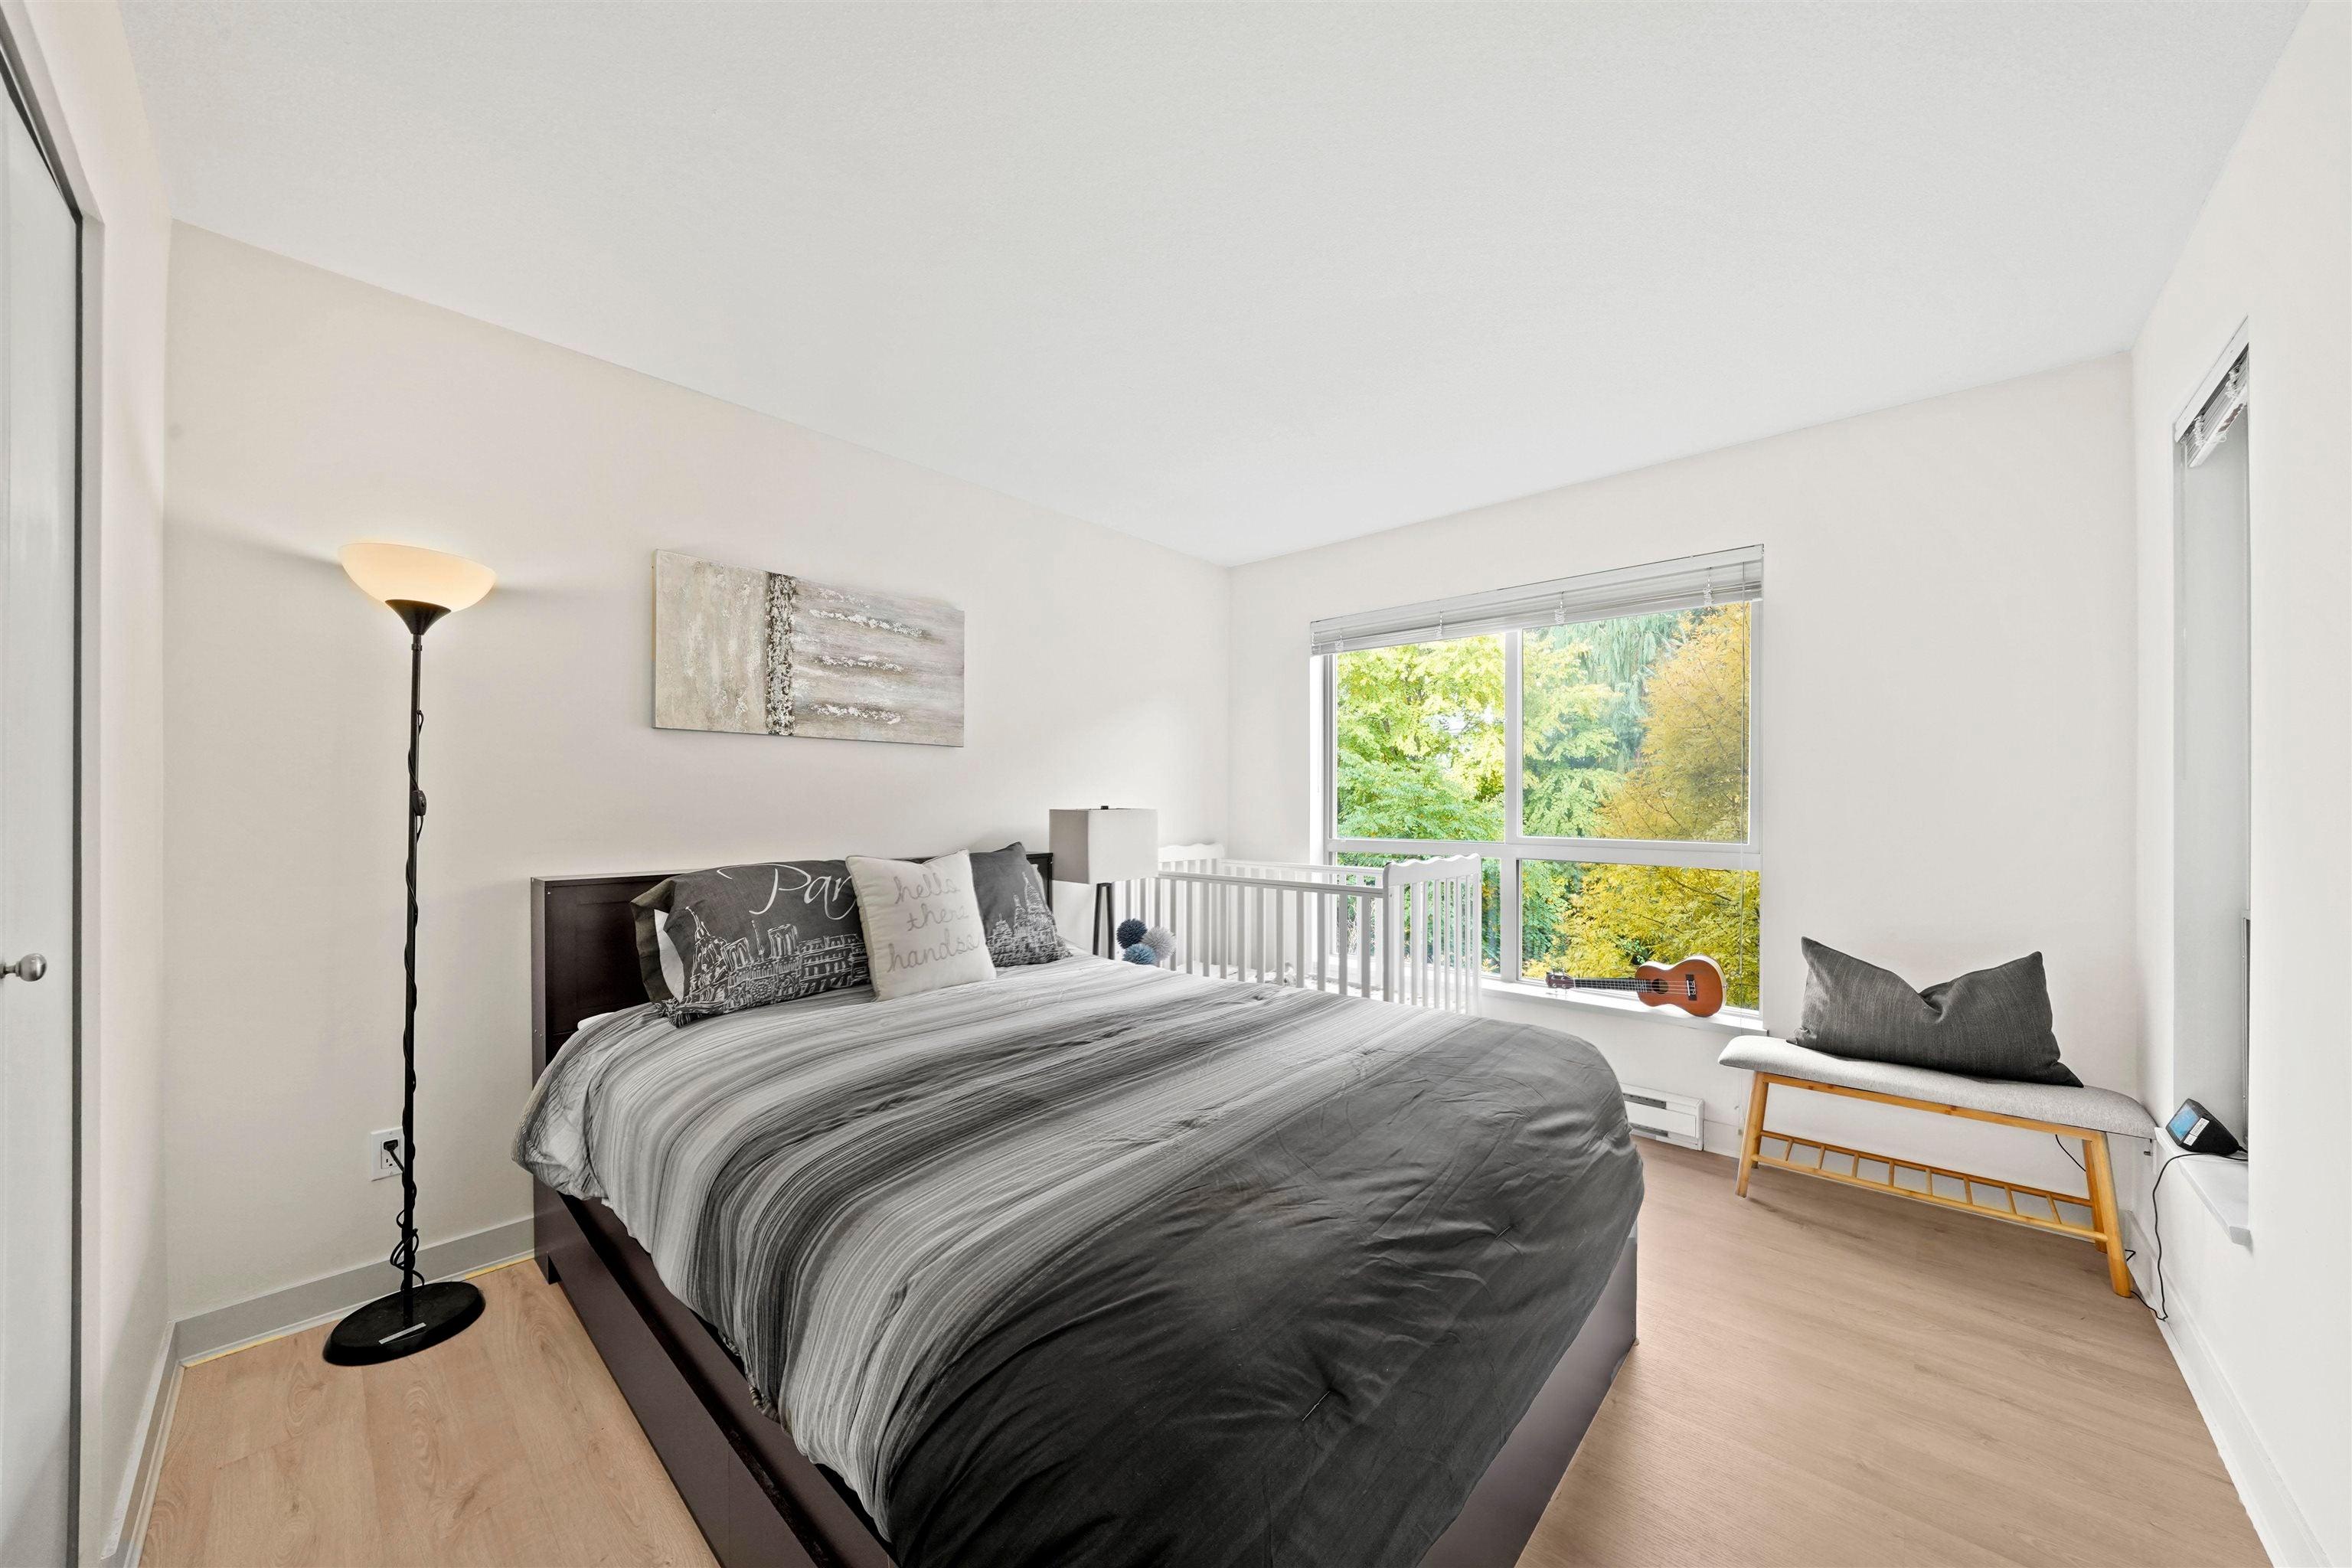 319 1633 MACKAY AVENUE - Pemberton NV Apartment/Condo for sale, 2 Bedrooms (R2624916) - #14